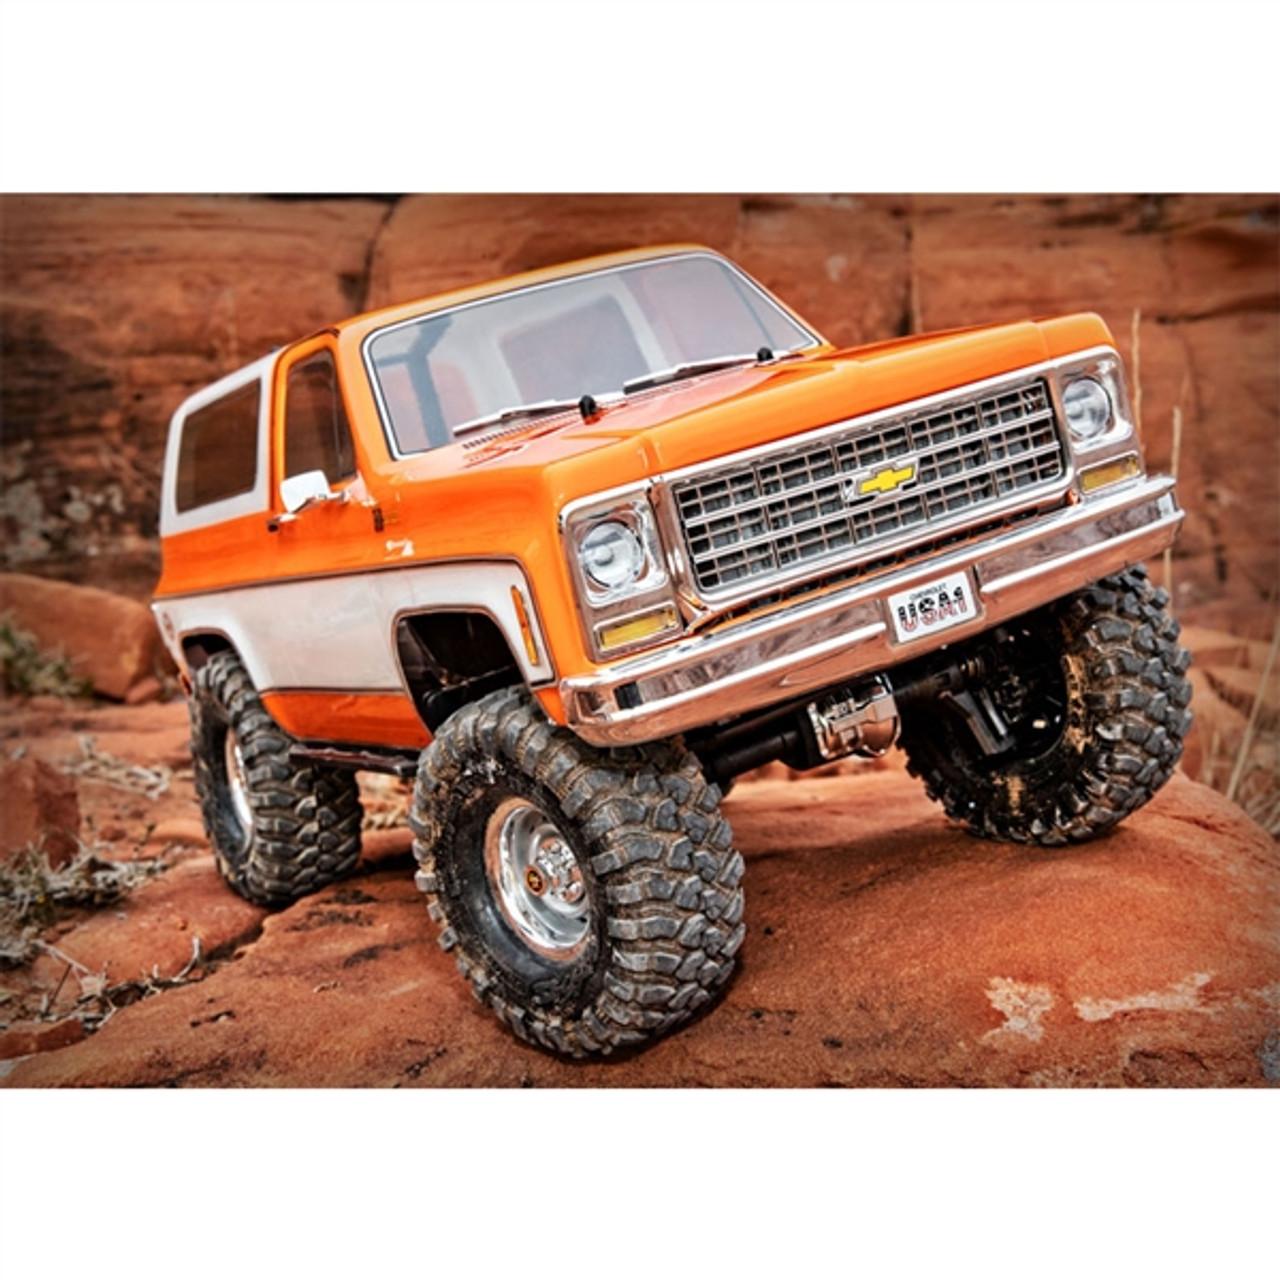 Traxxas Trx 4 Chevy K5 Blazer 4wd Rc Trail Truck